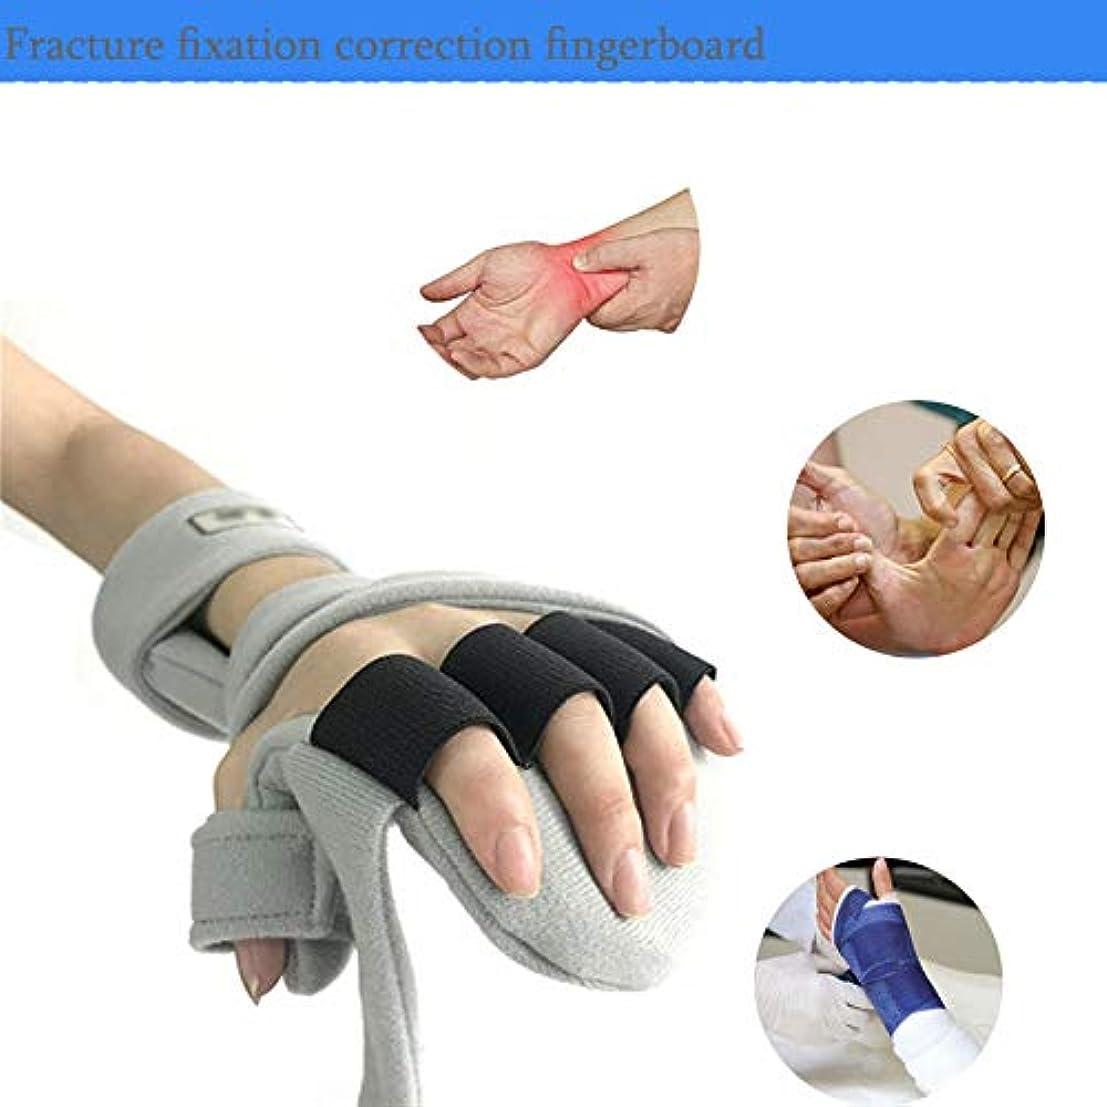 まだ広く浸漬親指支持 - ユニバーサルデザインは、手根管、捻挫、ワンサイズのために右または左の手と調節可能な通気性ブレーススプリントに適合します